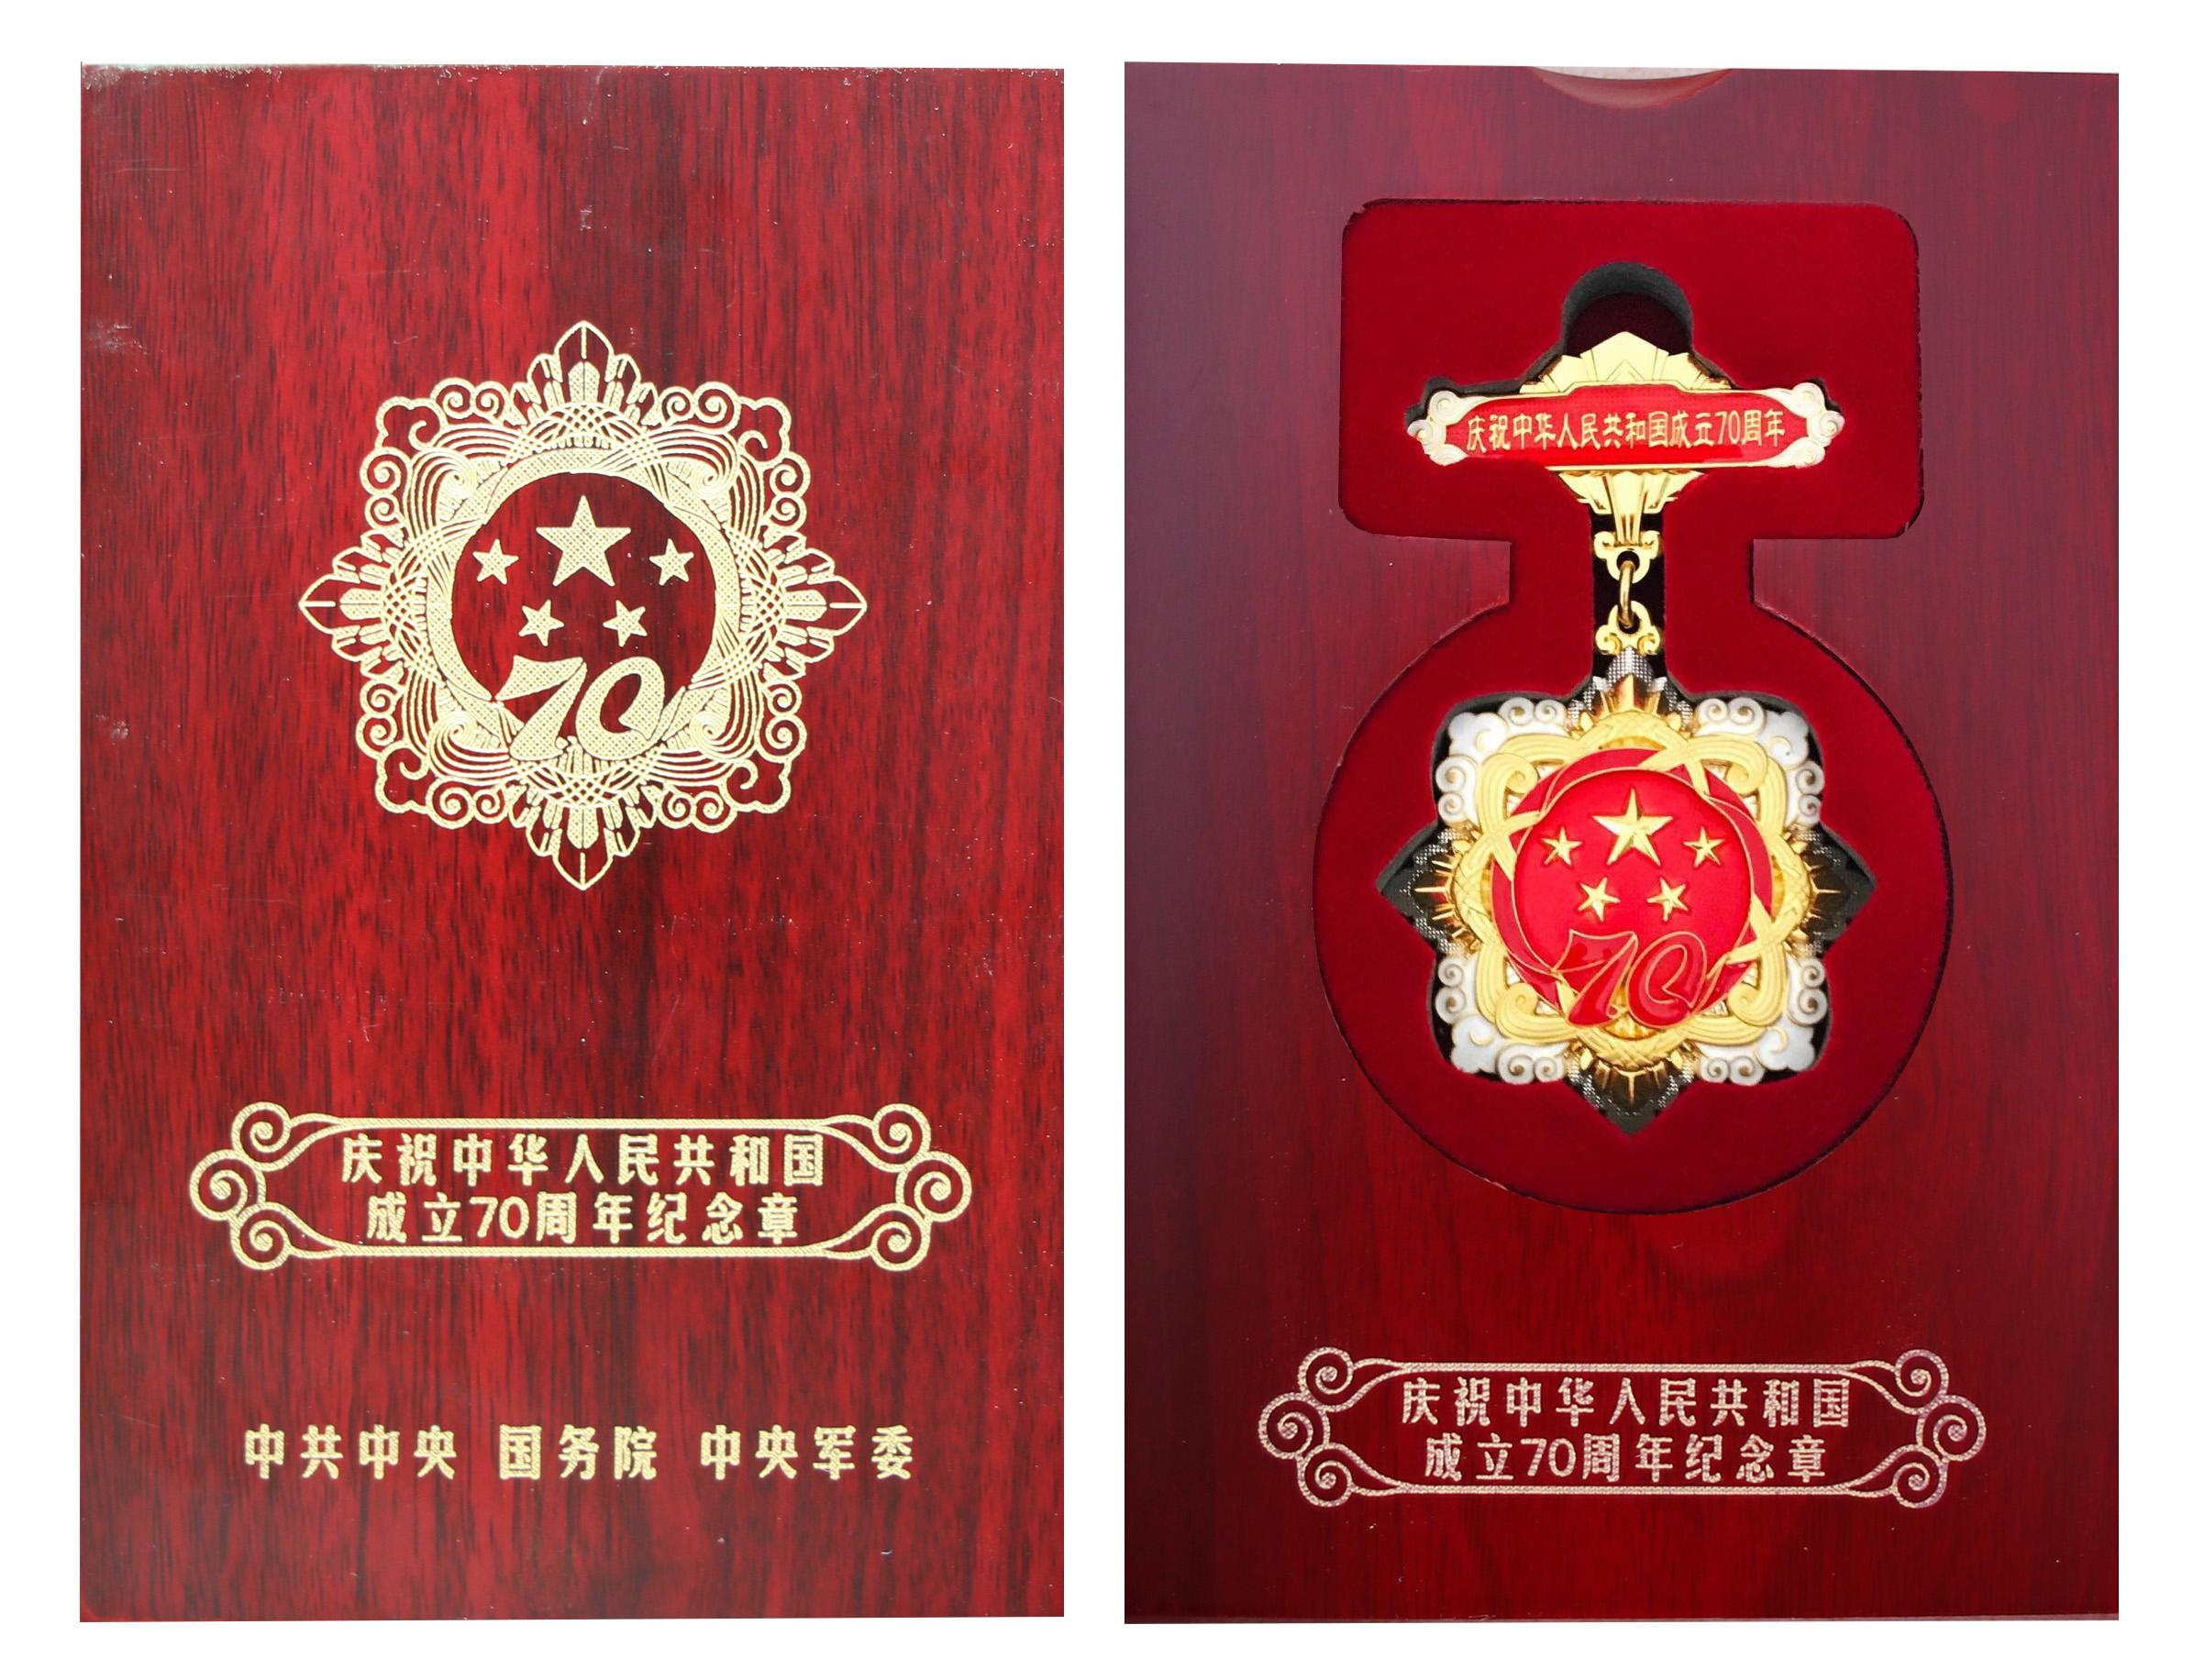 """鲁丽集团董事长薛茂林获得""""庆祝中华人民共和国成立70周年""""纪念章"""